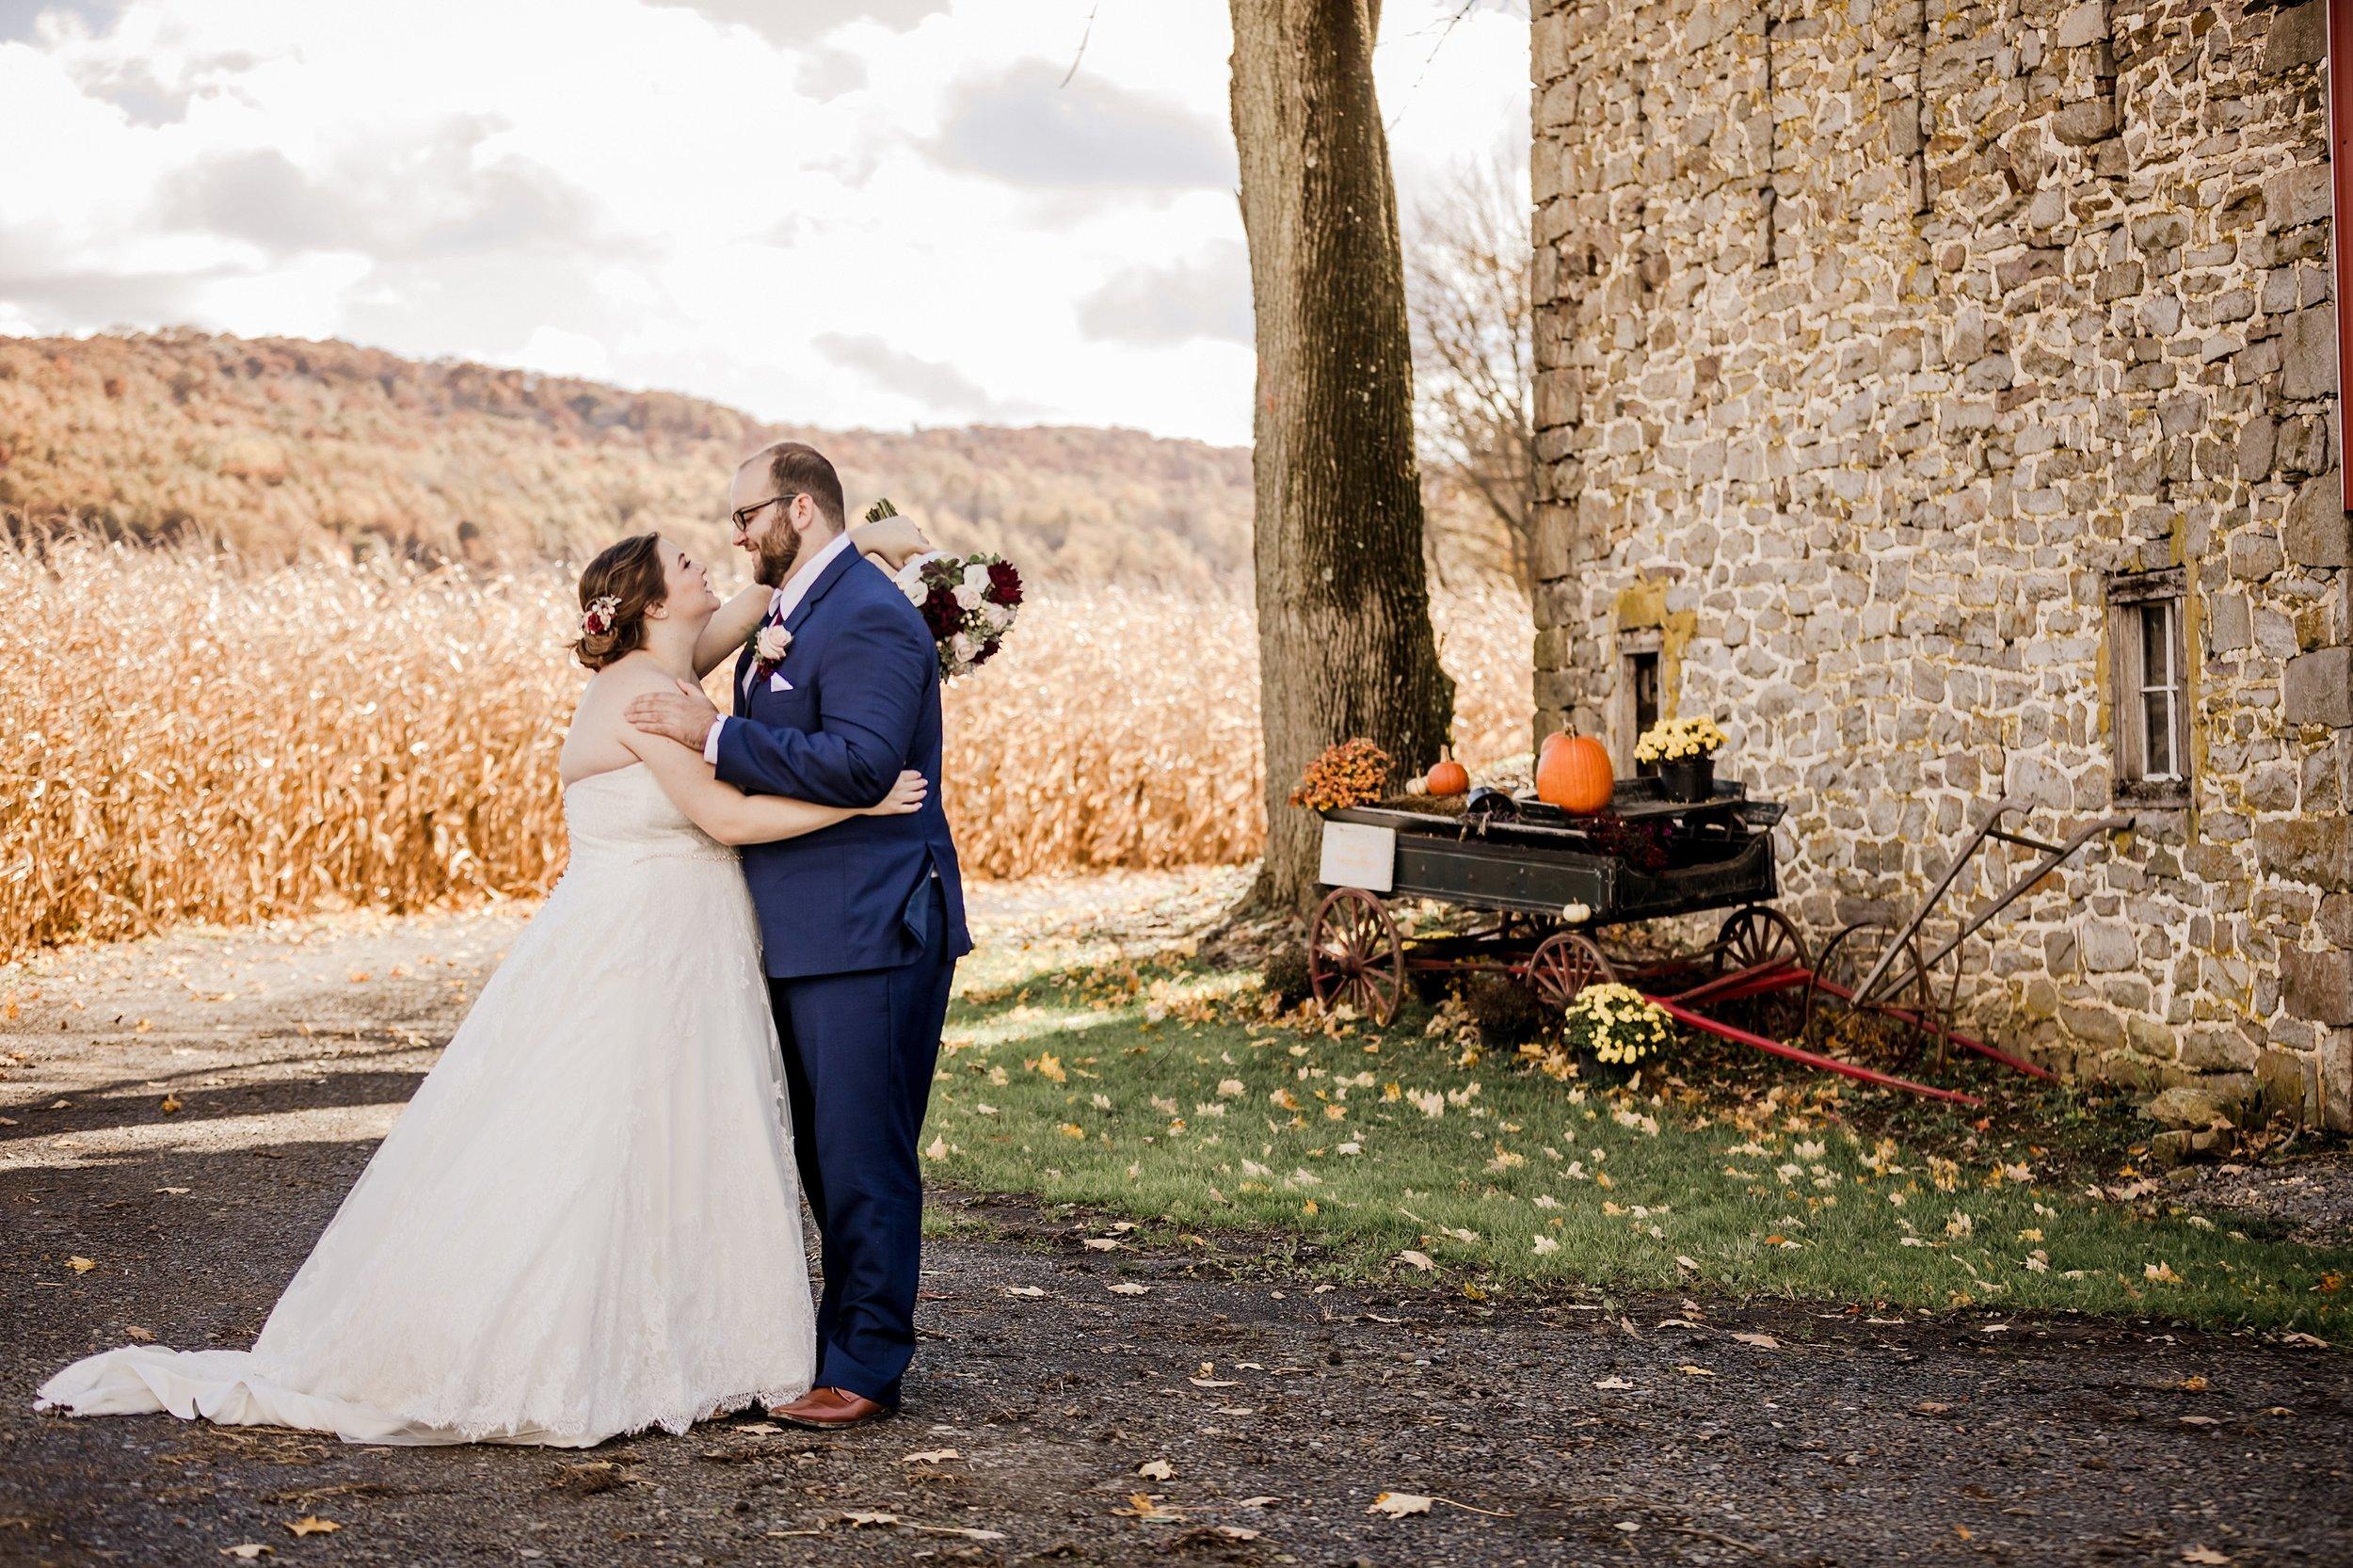 Savidge-Farms-Wedding-Photographer_0035.jpg